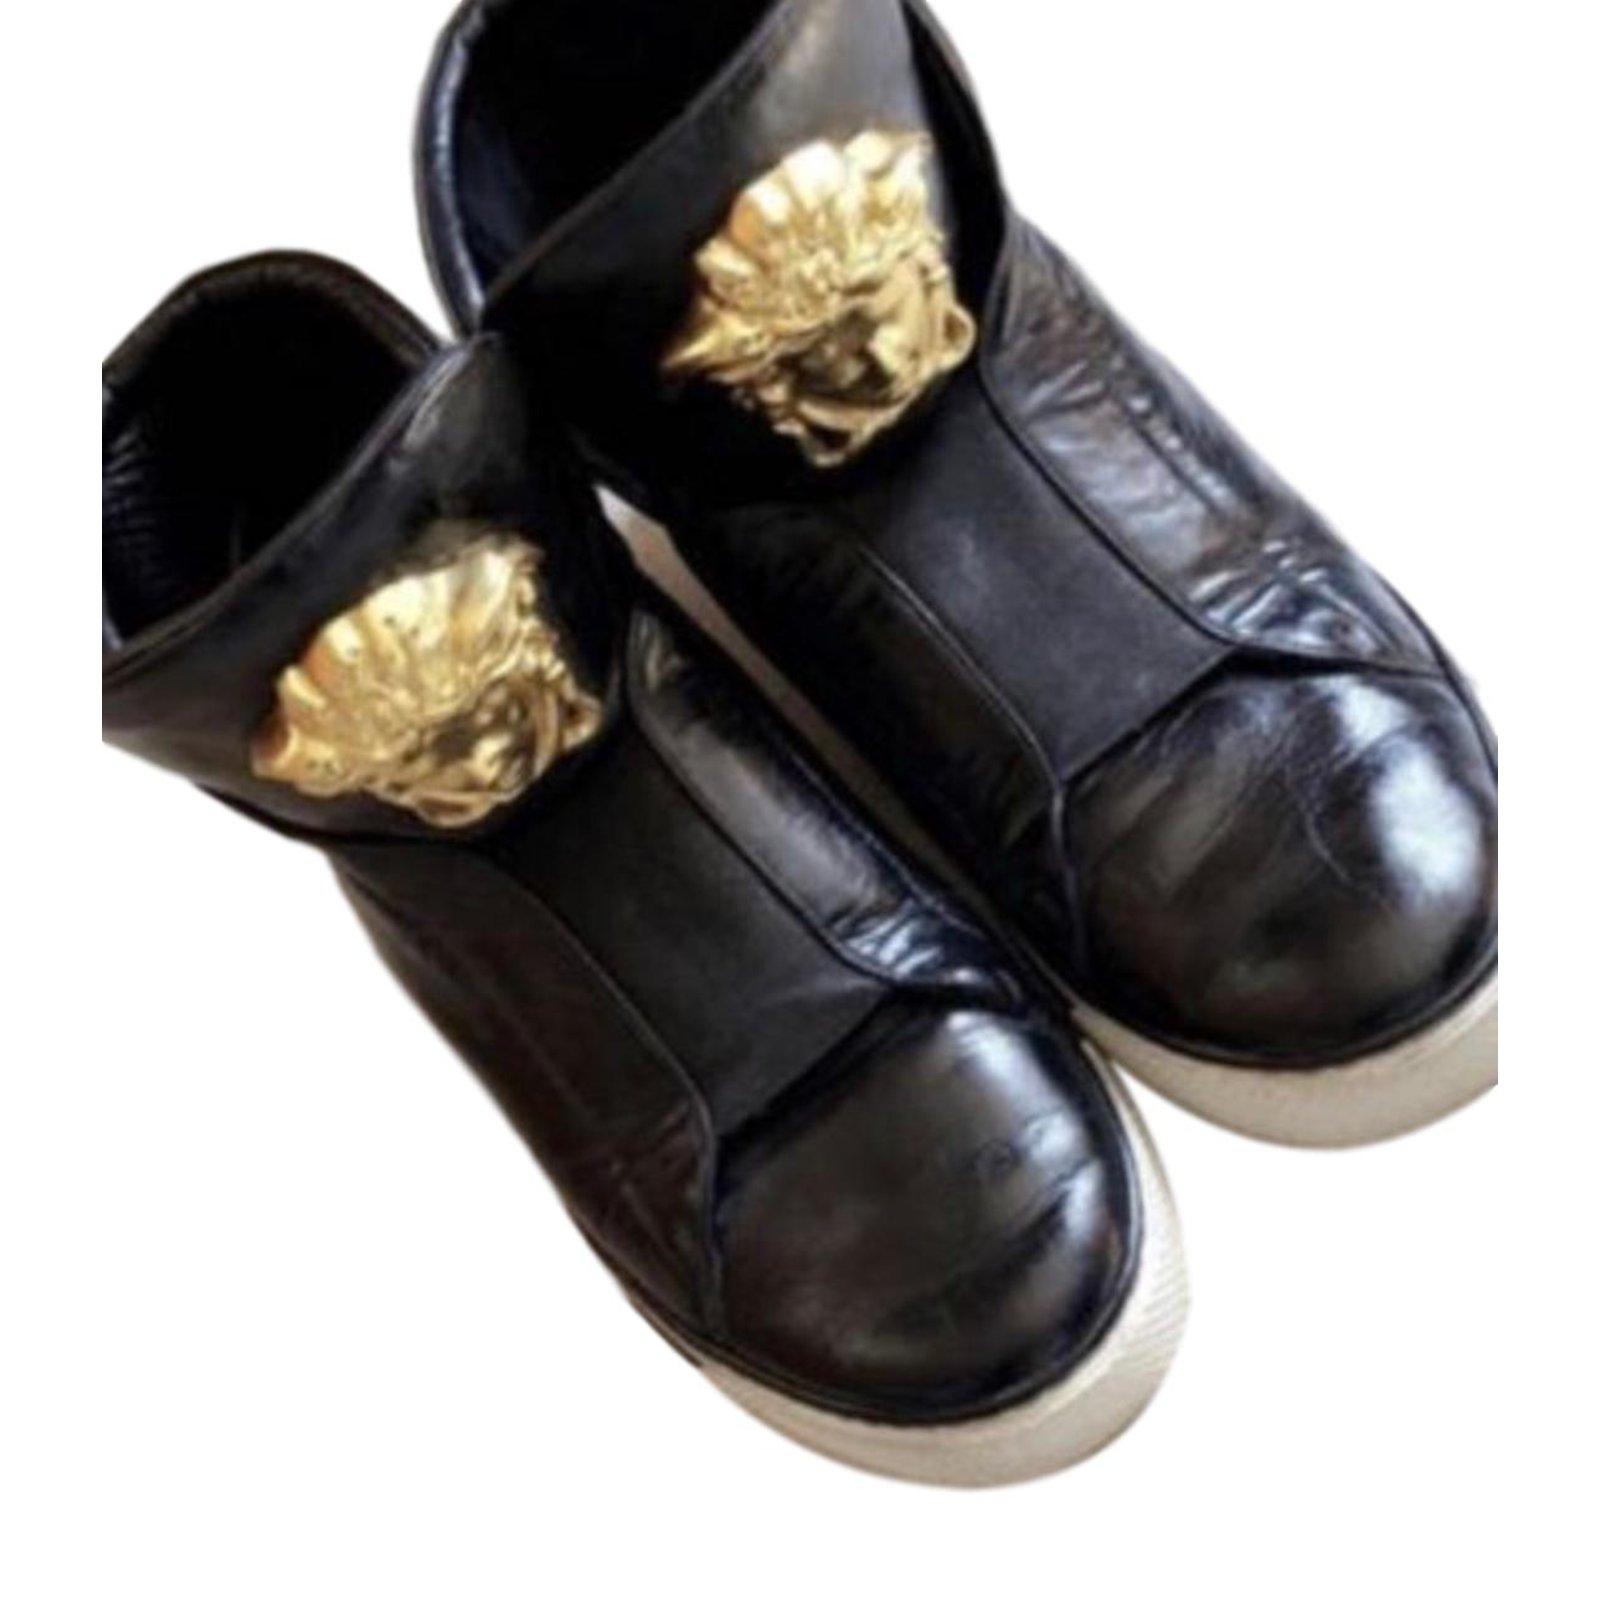 Versace sneakers Sneakers Leather Black